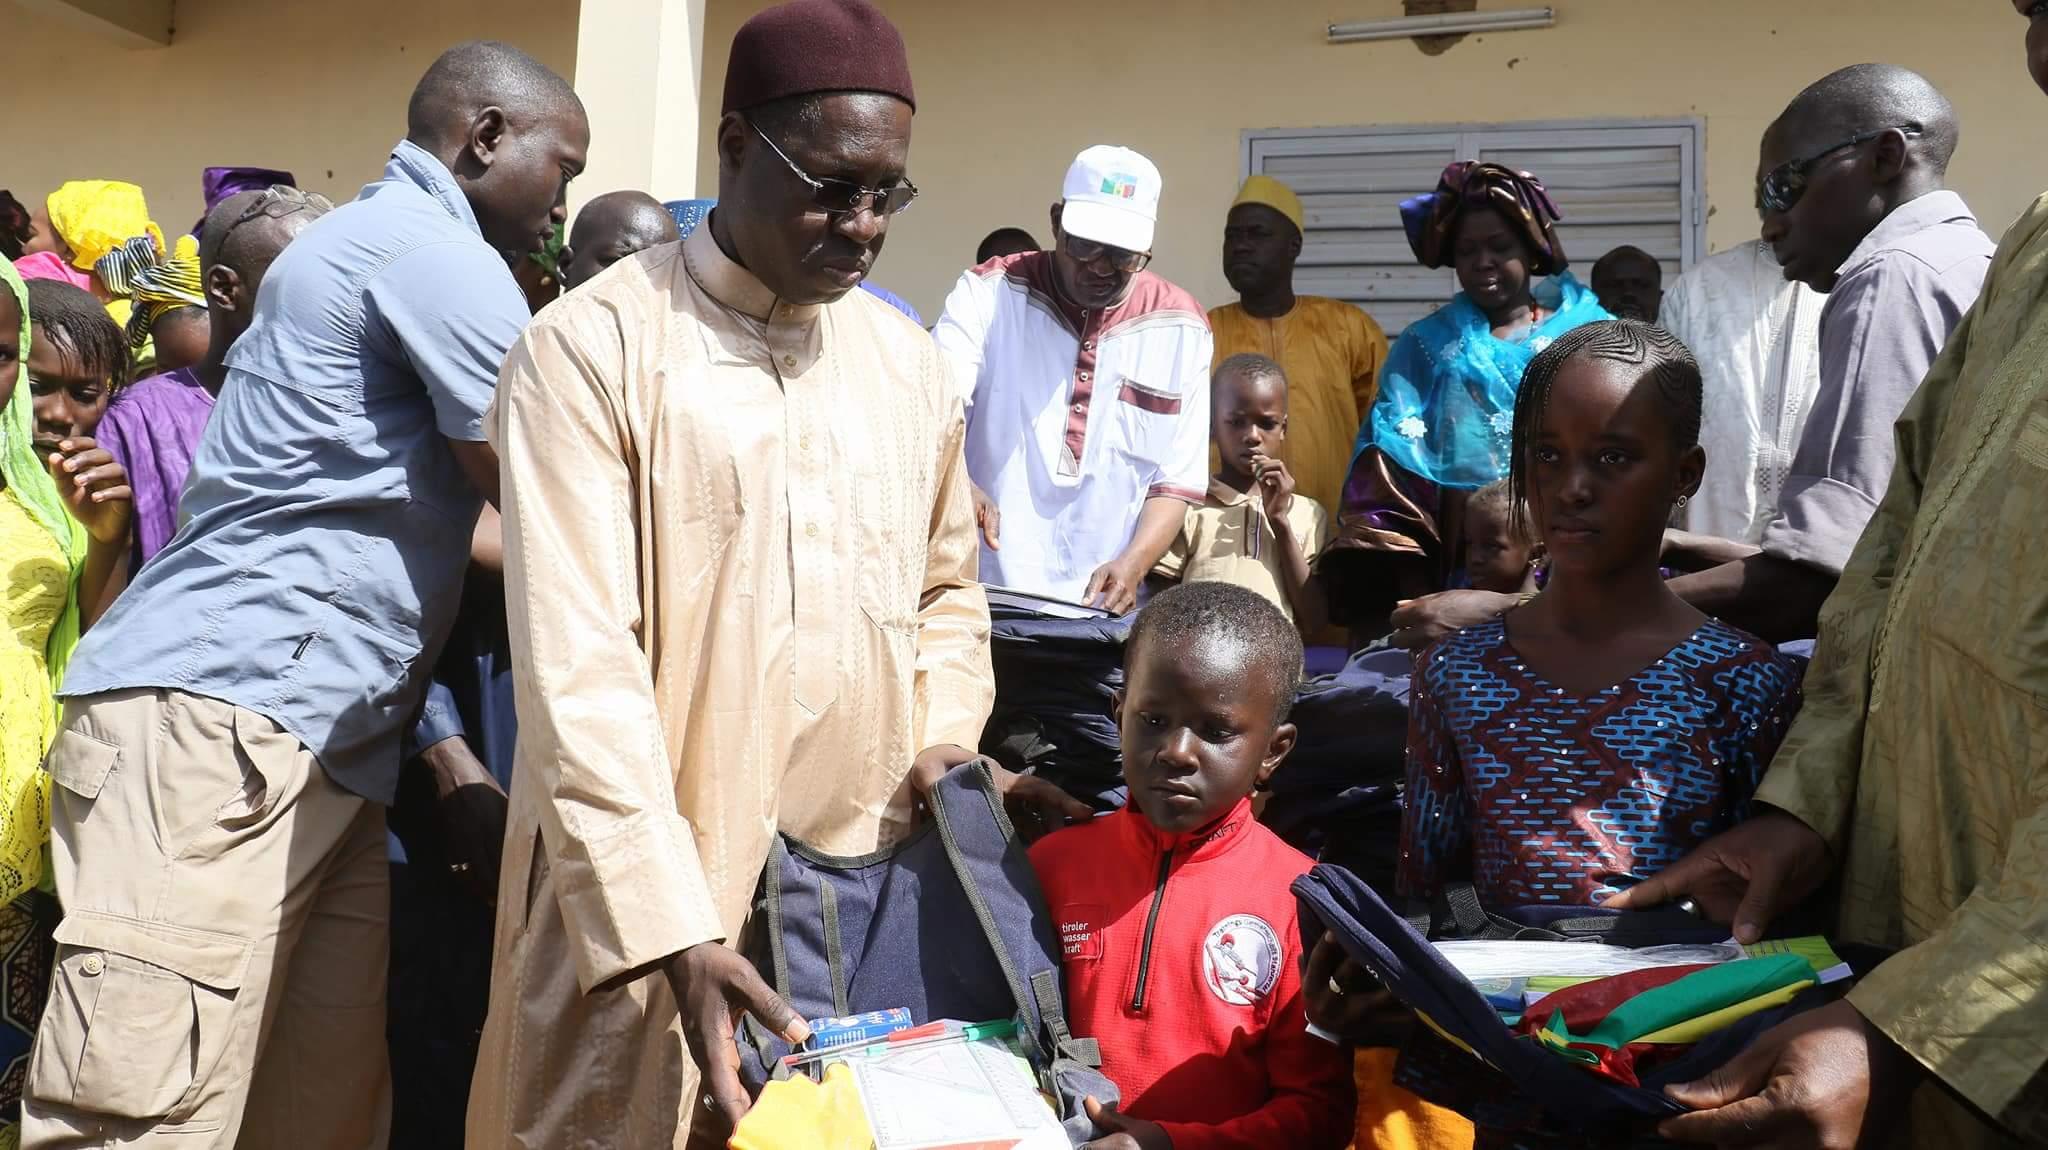 ORKADIÉRÉ : Abdou Karim Sall offre des kits scolaires aux pensionnaires de la Case des tout petits et se rappelle de feue Maïmouna Diop